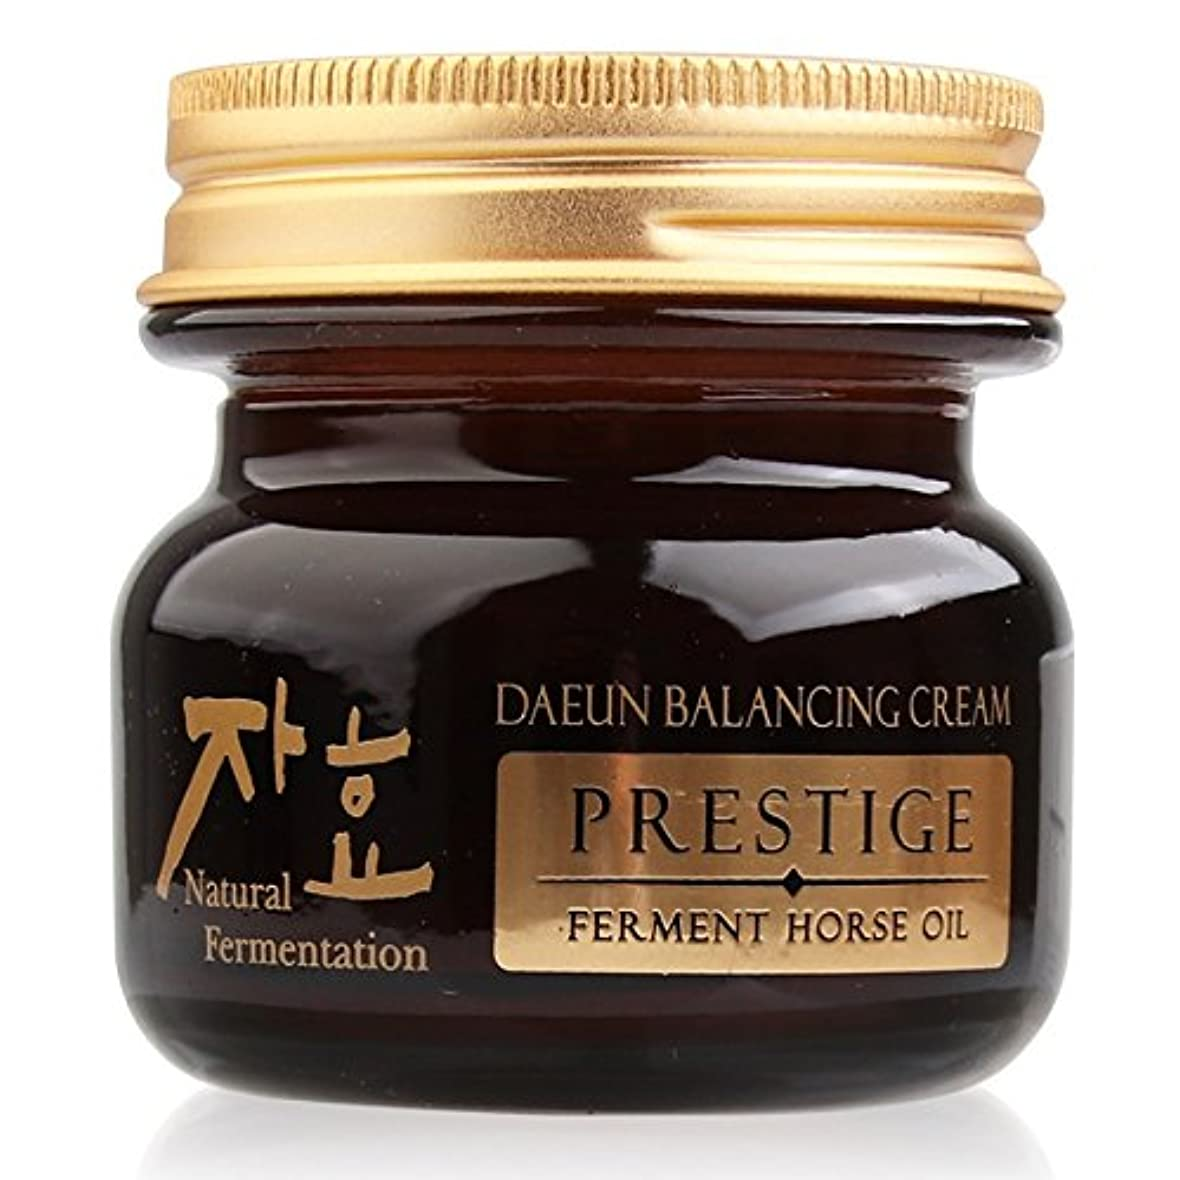 管理するフルーツスクリーチZHAHYO Daeun Balancing Fermented Horse Oil Cream 65g/Korea Cosmetics